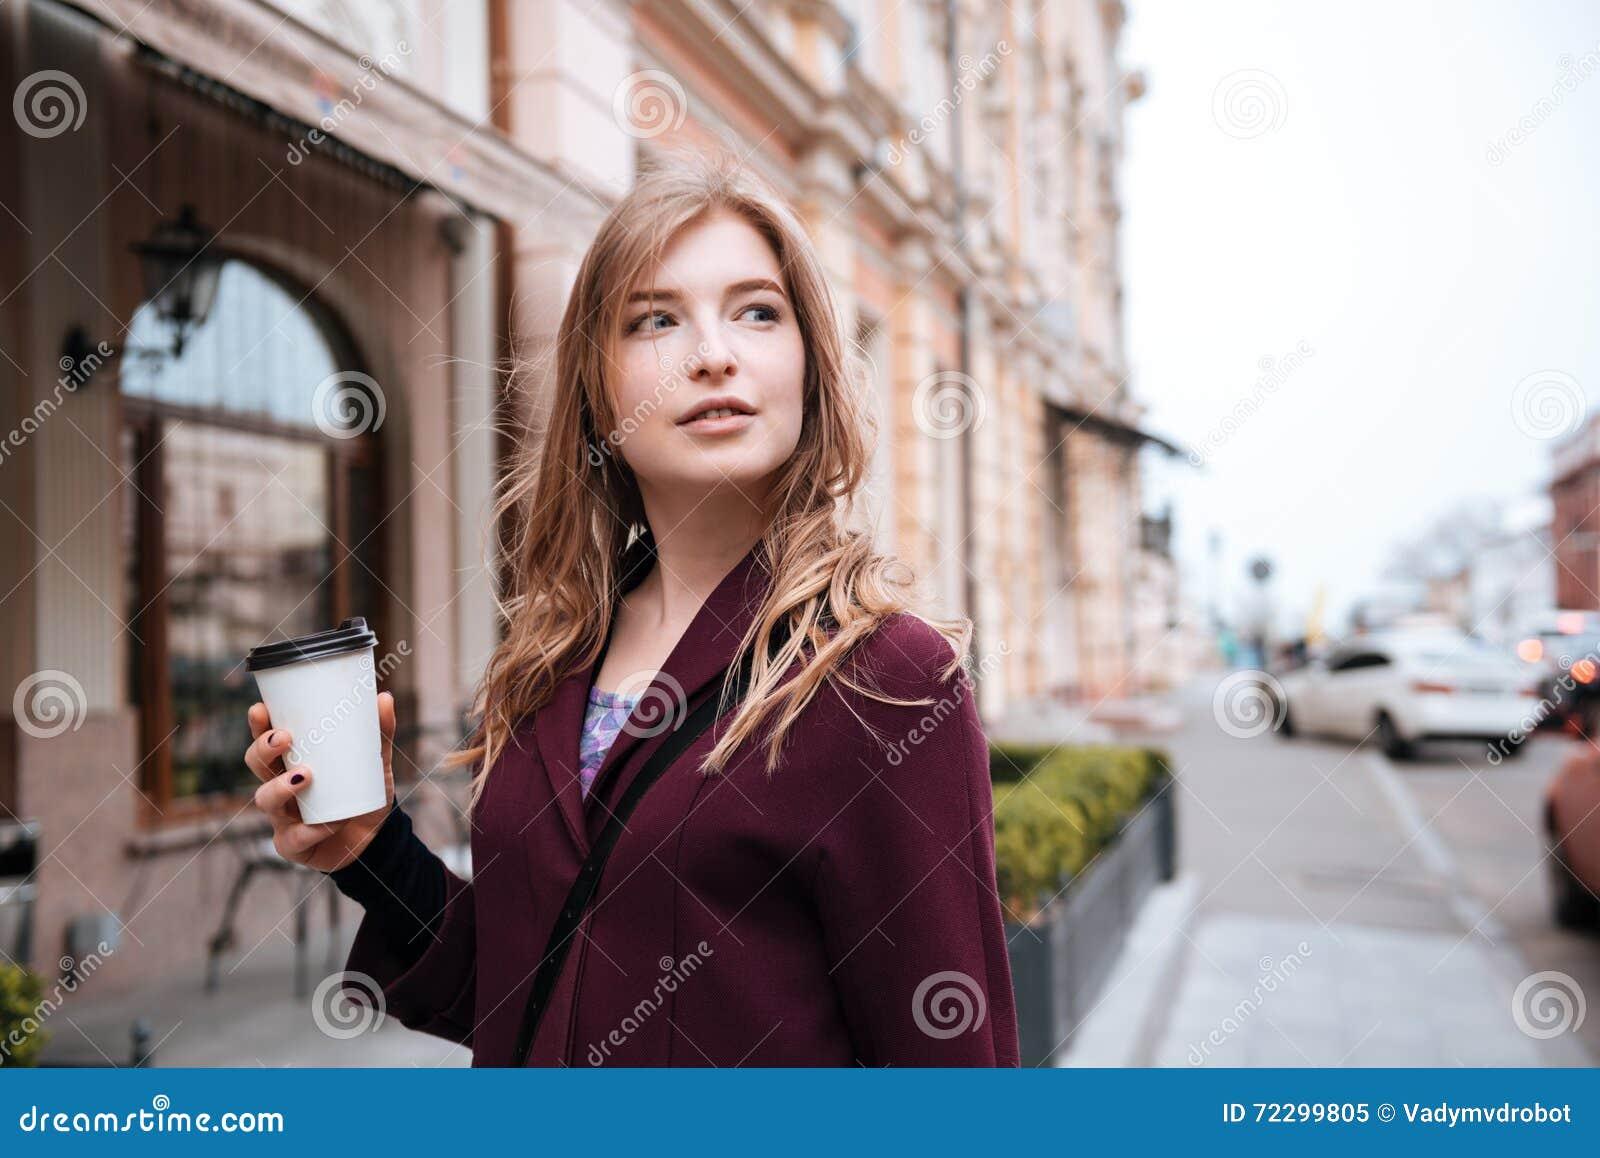 Download Coffe задумчивой женщины выпивая на улице города Стоковое Изображение - изображение насчитывающей lifestyle, привлекательностей: 72299805